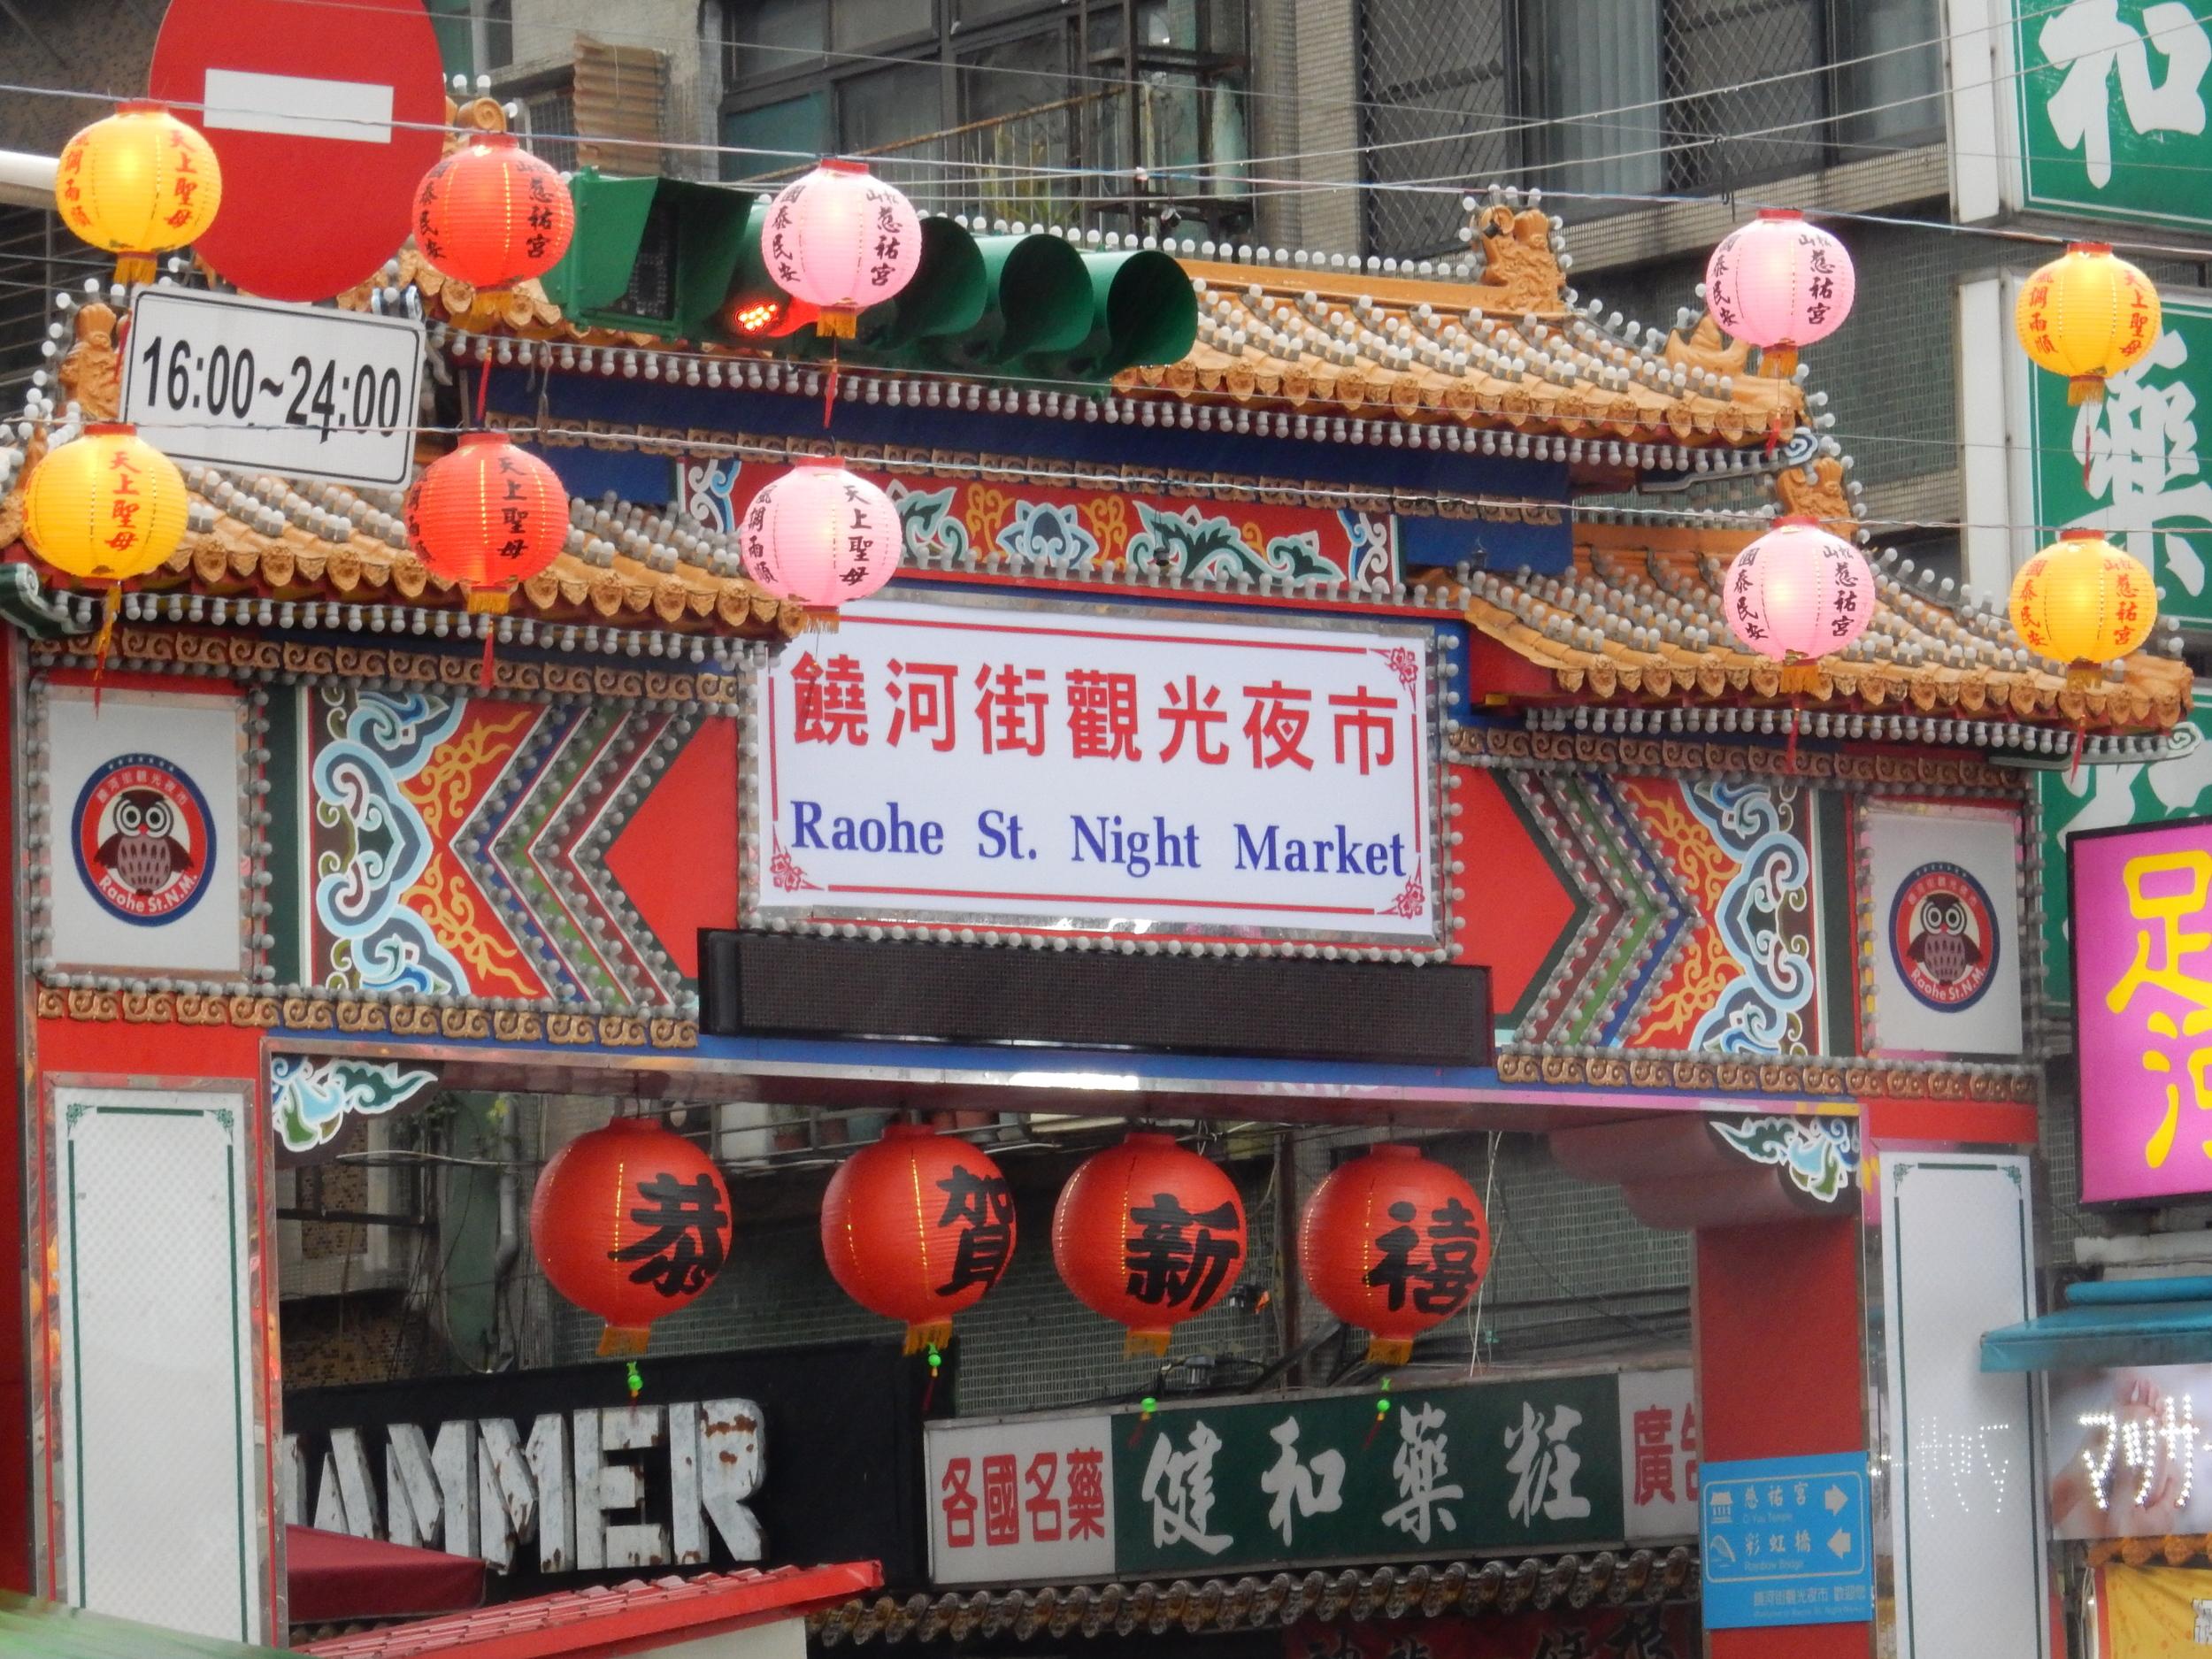 raohe market street arch